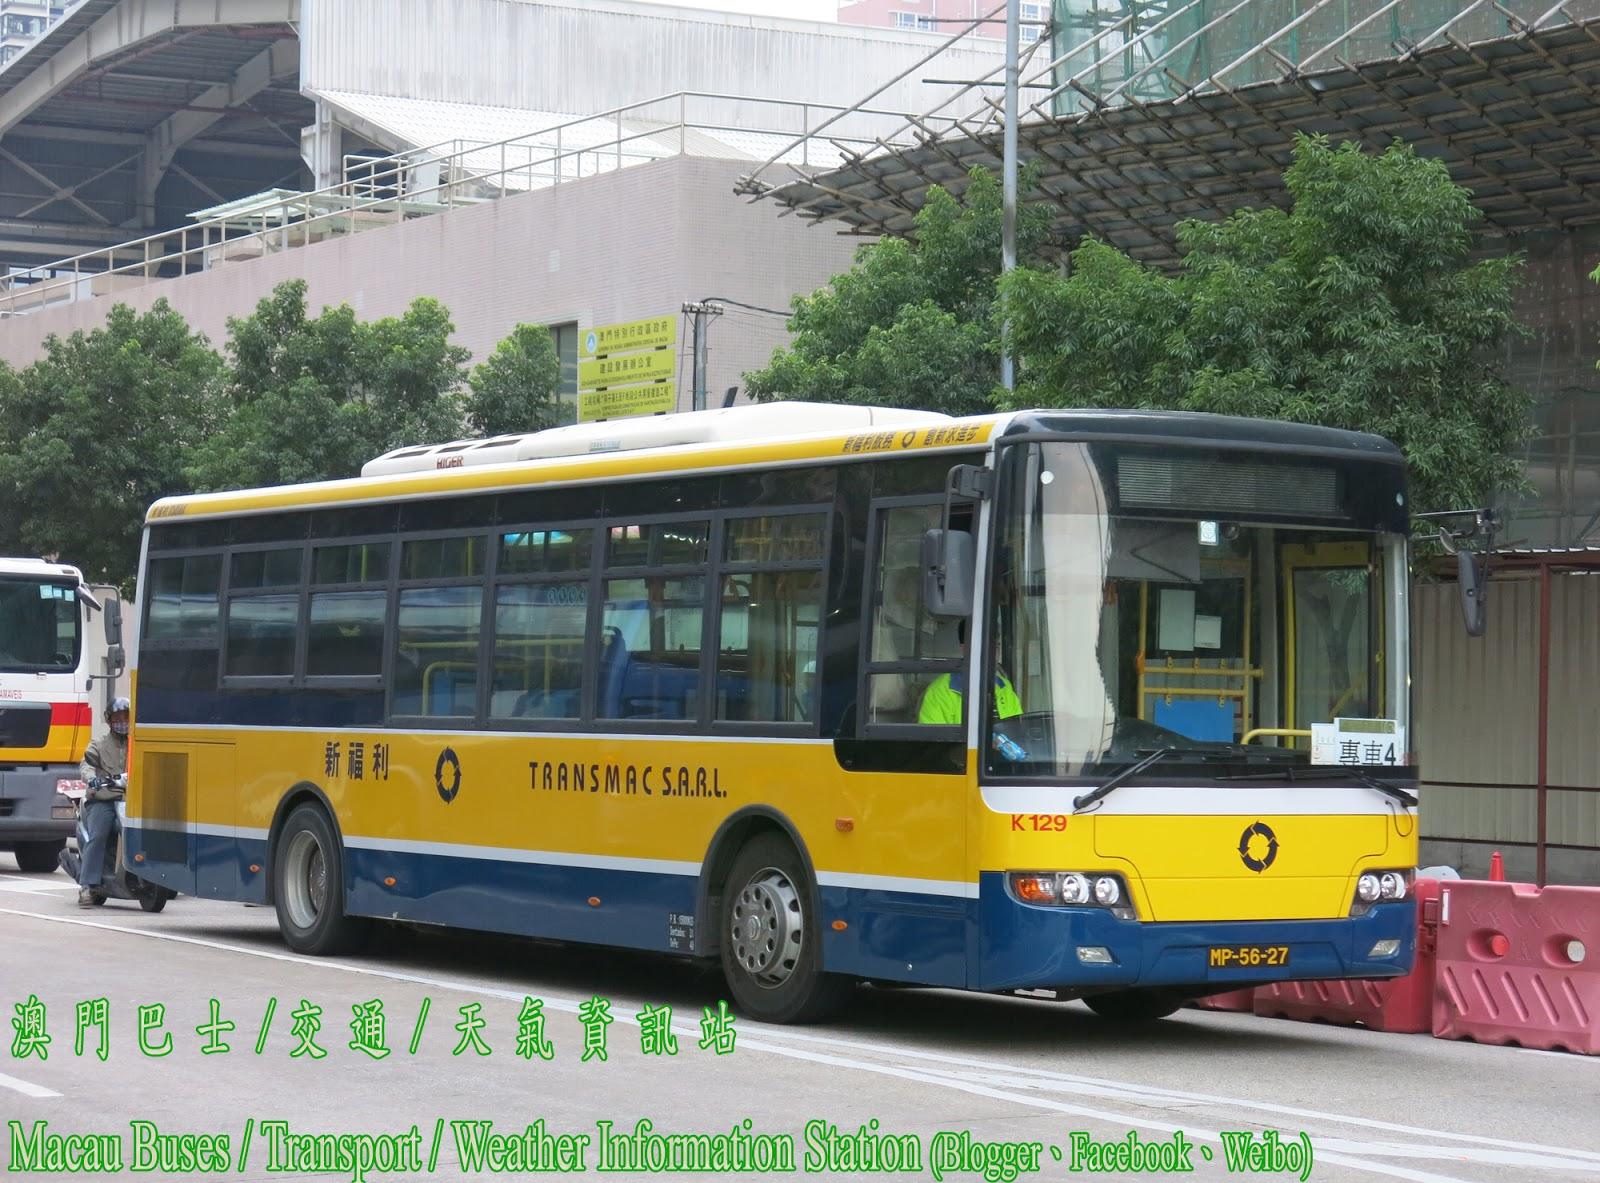 澳 門 巴 士 / 交 通 / 天 氣 資 訊 站 Macau Buses / Transport / Weather Information Station: 新福利海格10.8米低入口大巴行駛 ...